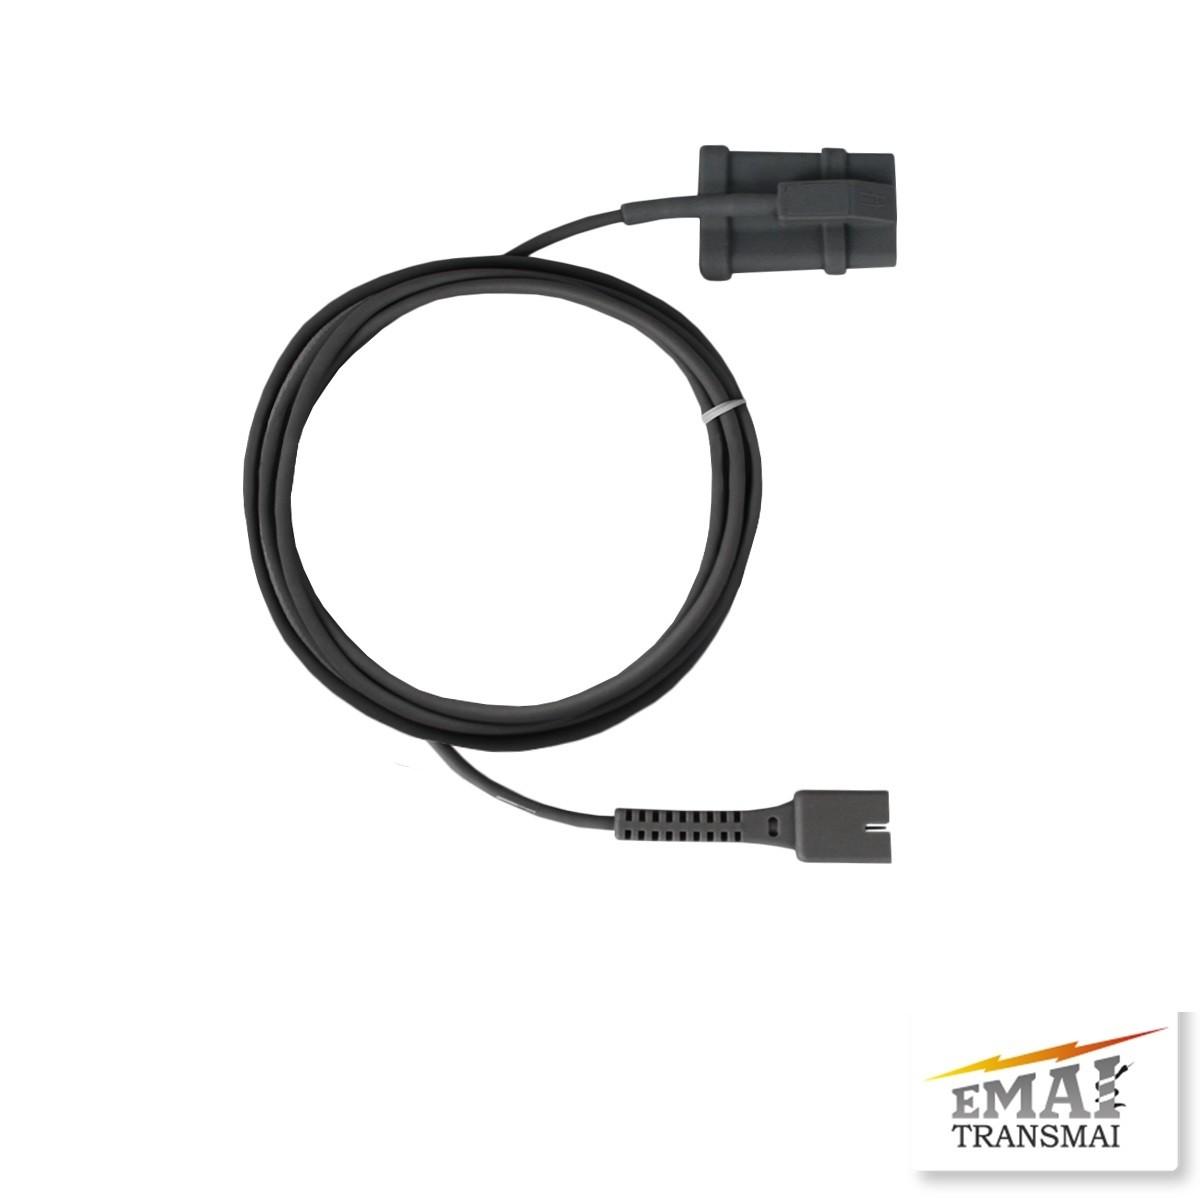 Sensor de Spo2 Oxímetro de Pulso Adulto Soft 2,7mt  - Transmai/Emai